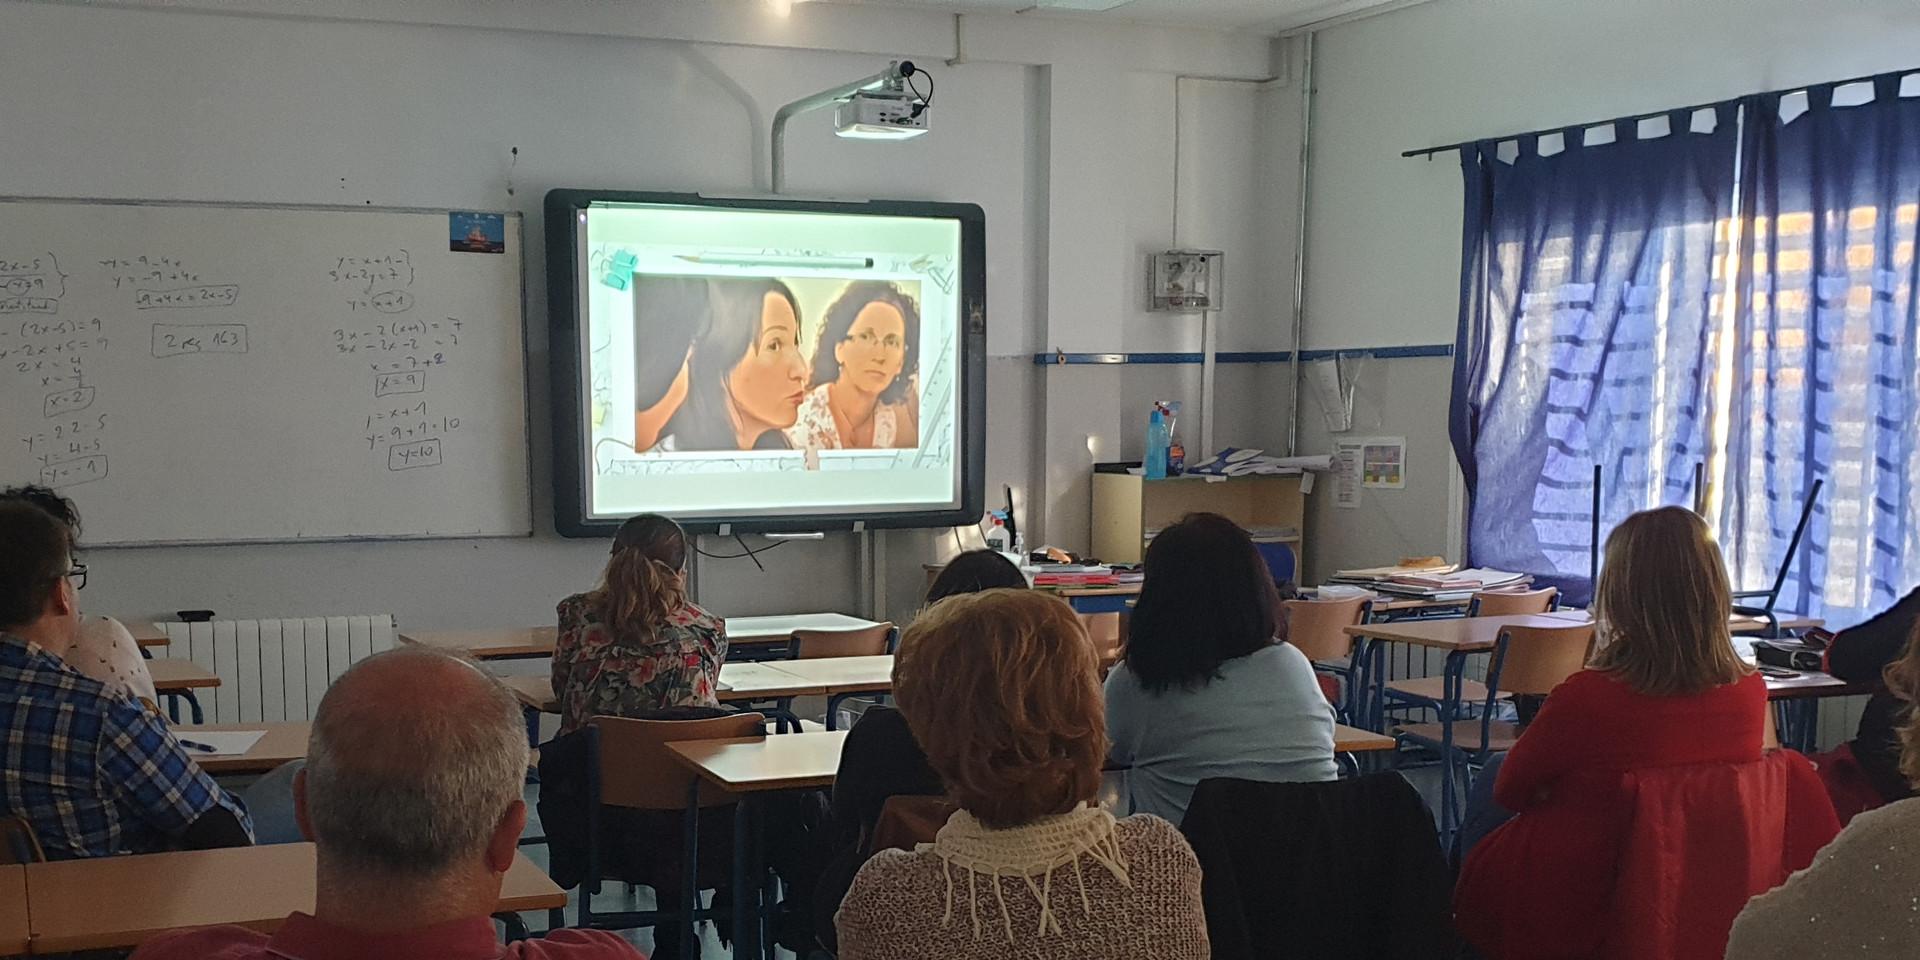 Charla a profesorado y familias del CEIP Rafaela Fernández (Fines)